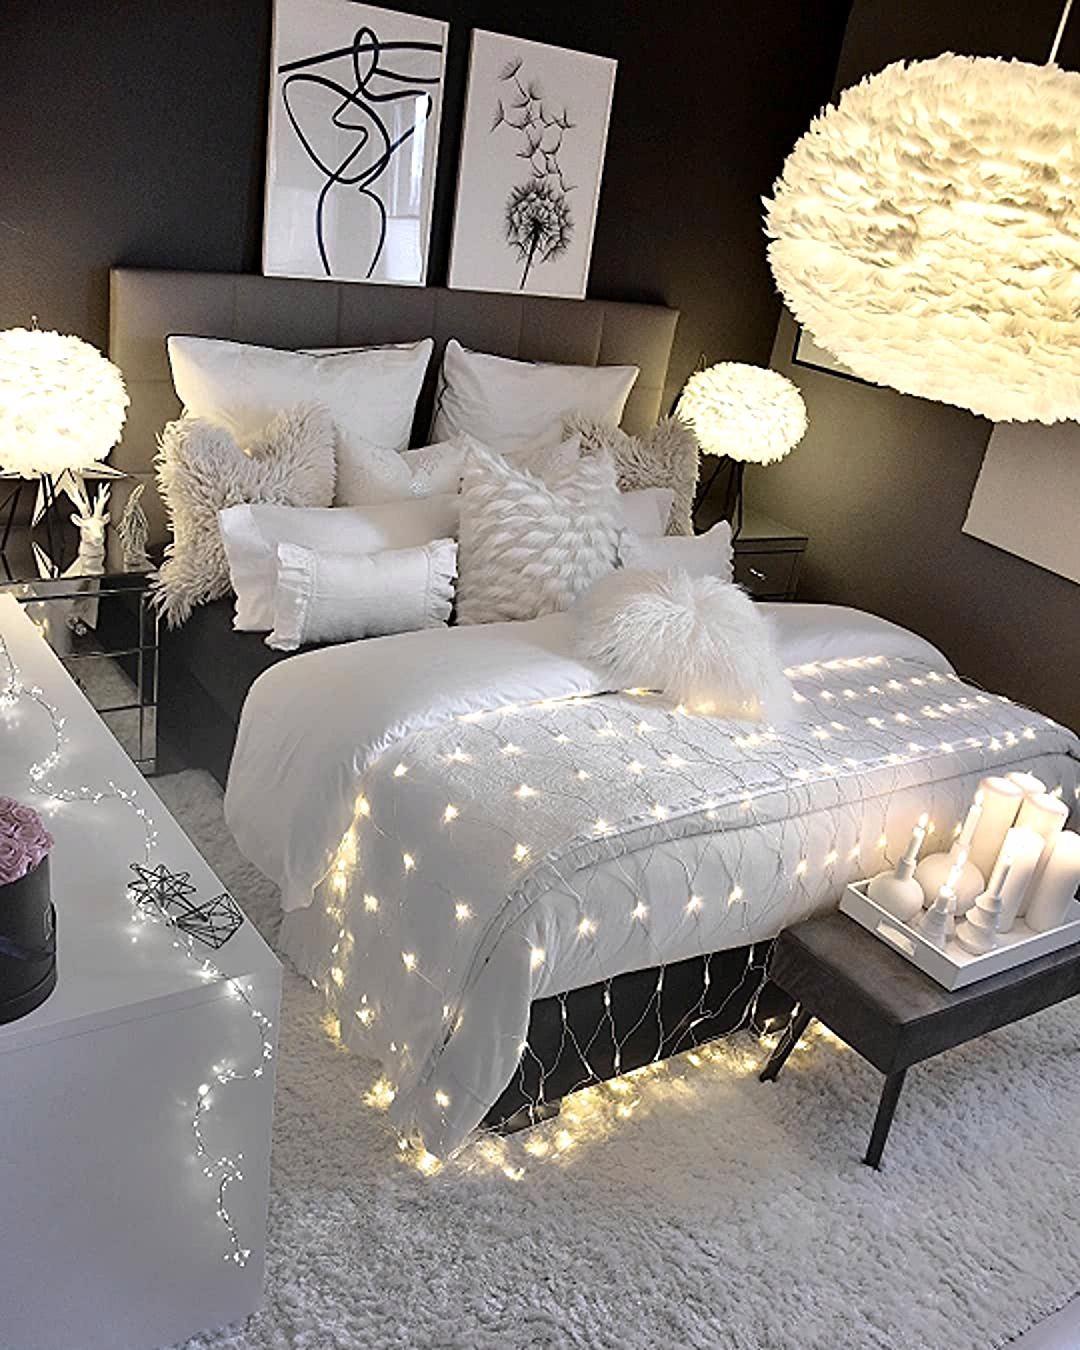 Schwarz Weisses Schlafzimmer Einrichten In 2020 Small Room